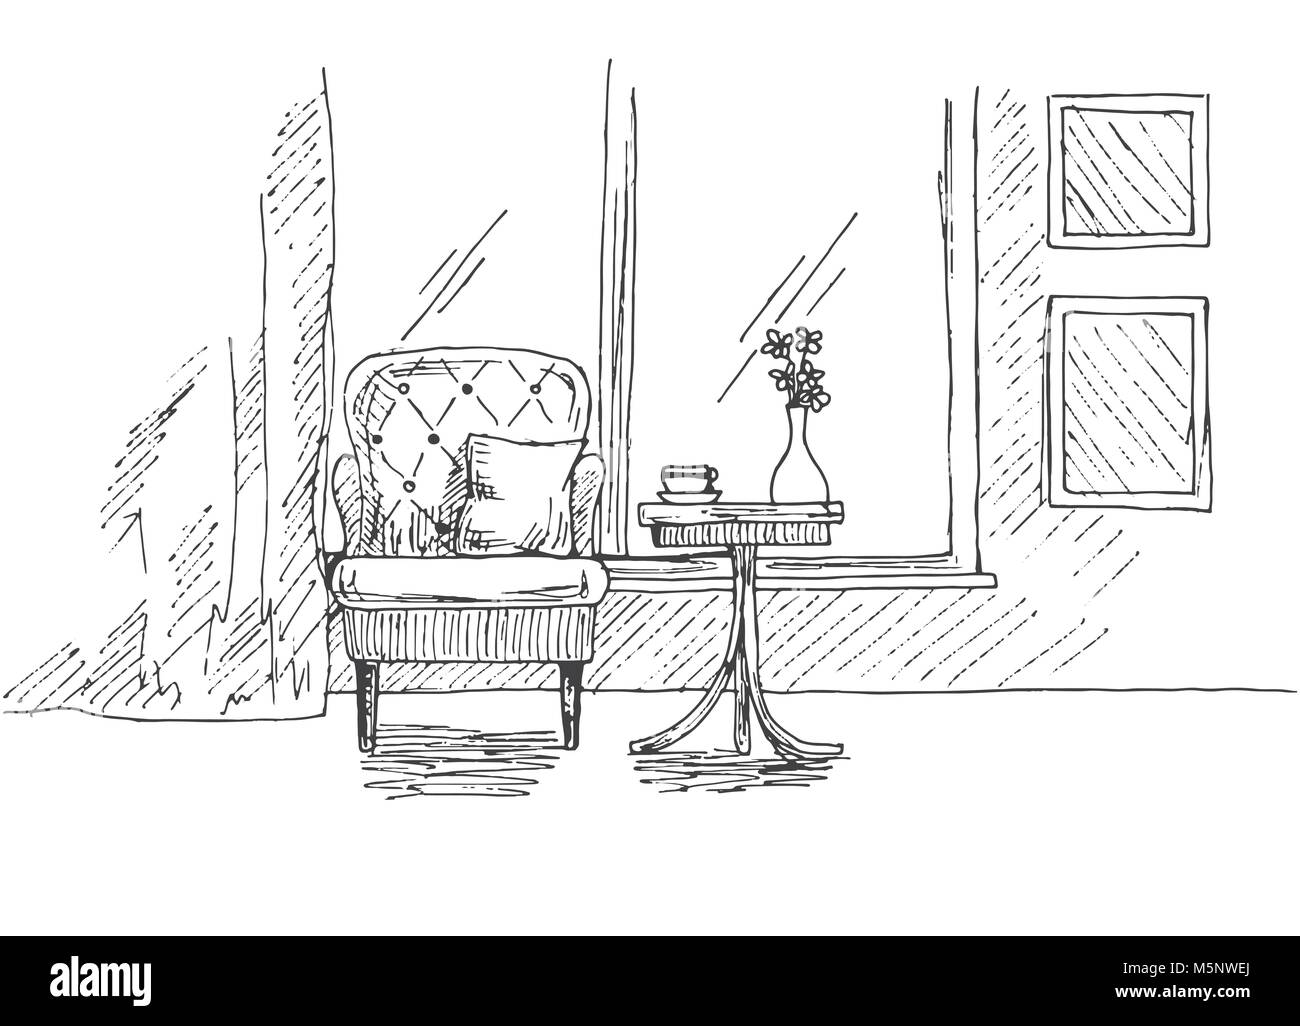 Disegnare Una Scrivania.Disegnata A Mano Sedia Scrivania Finestre Sul Tavolo E Un